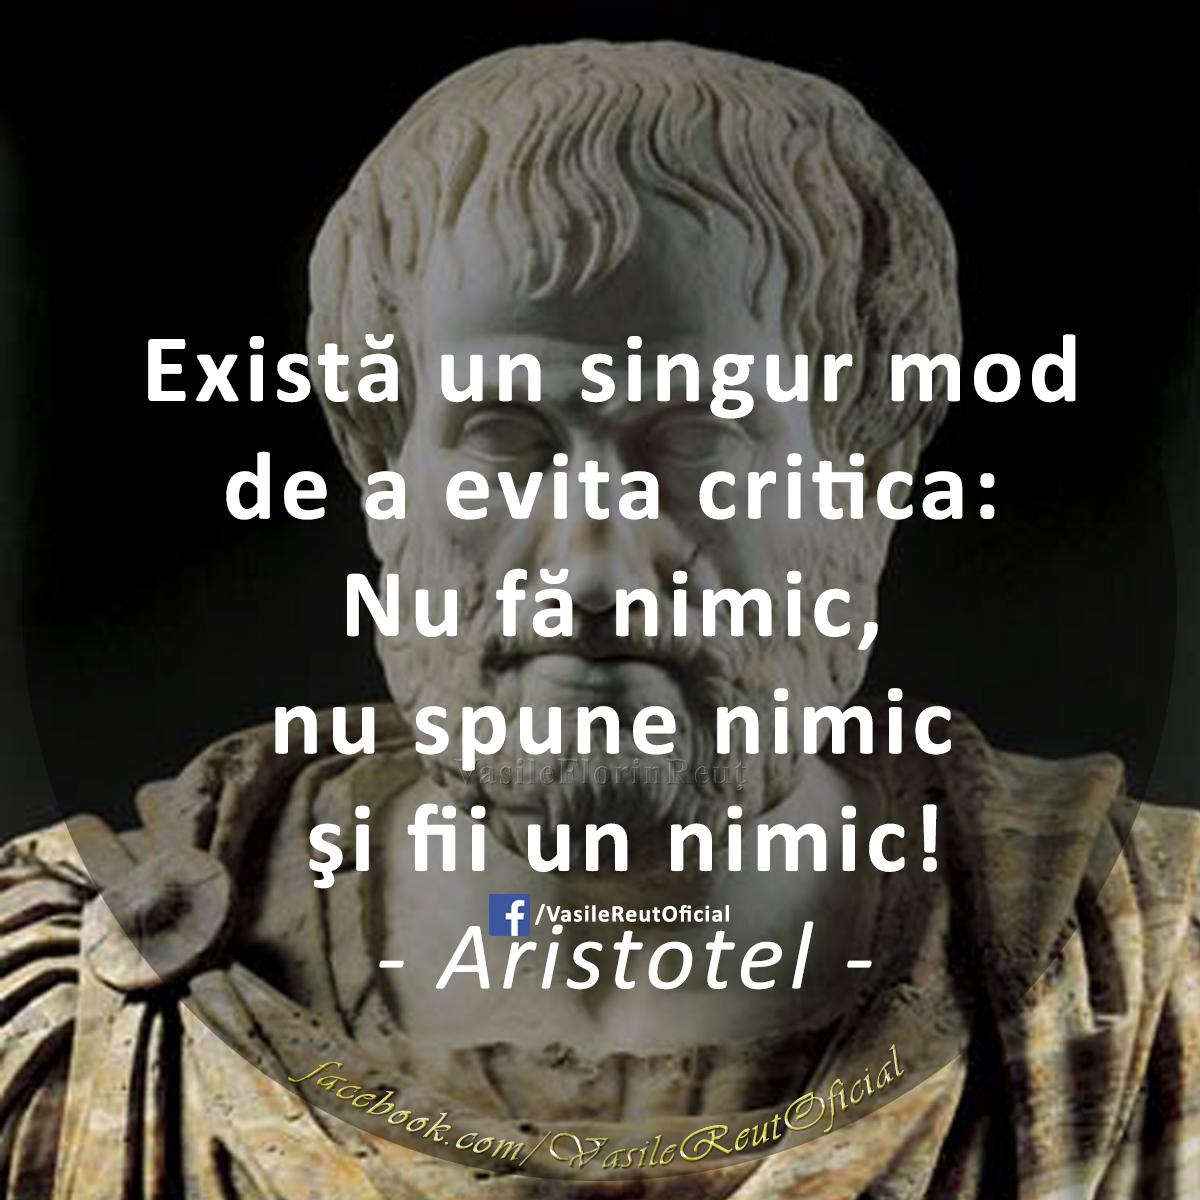 Există un singur mod de a evita critica: Nu fă nimic, nu spune nimic şi fii un nimic (Aristotel)